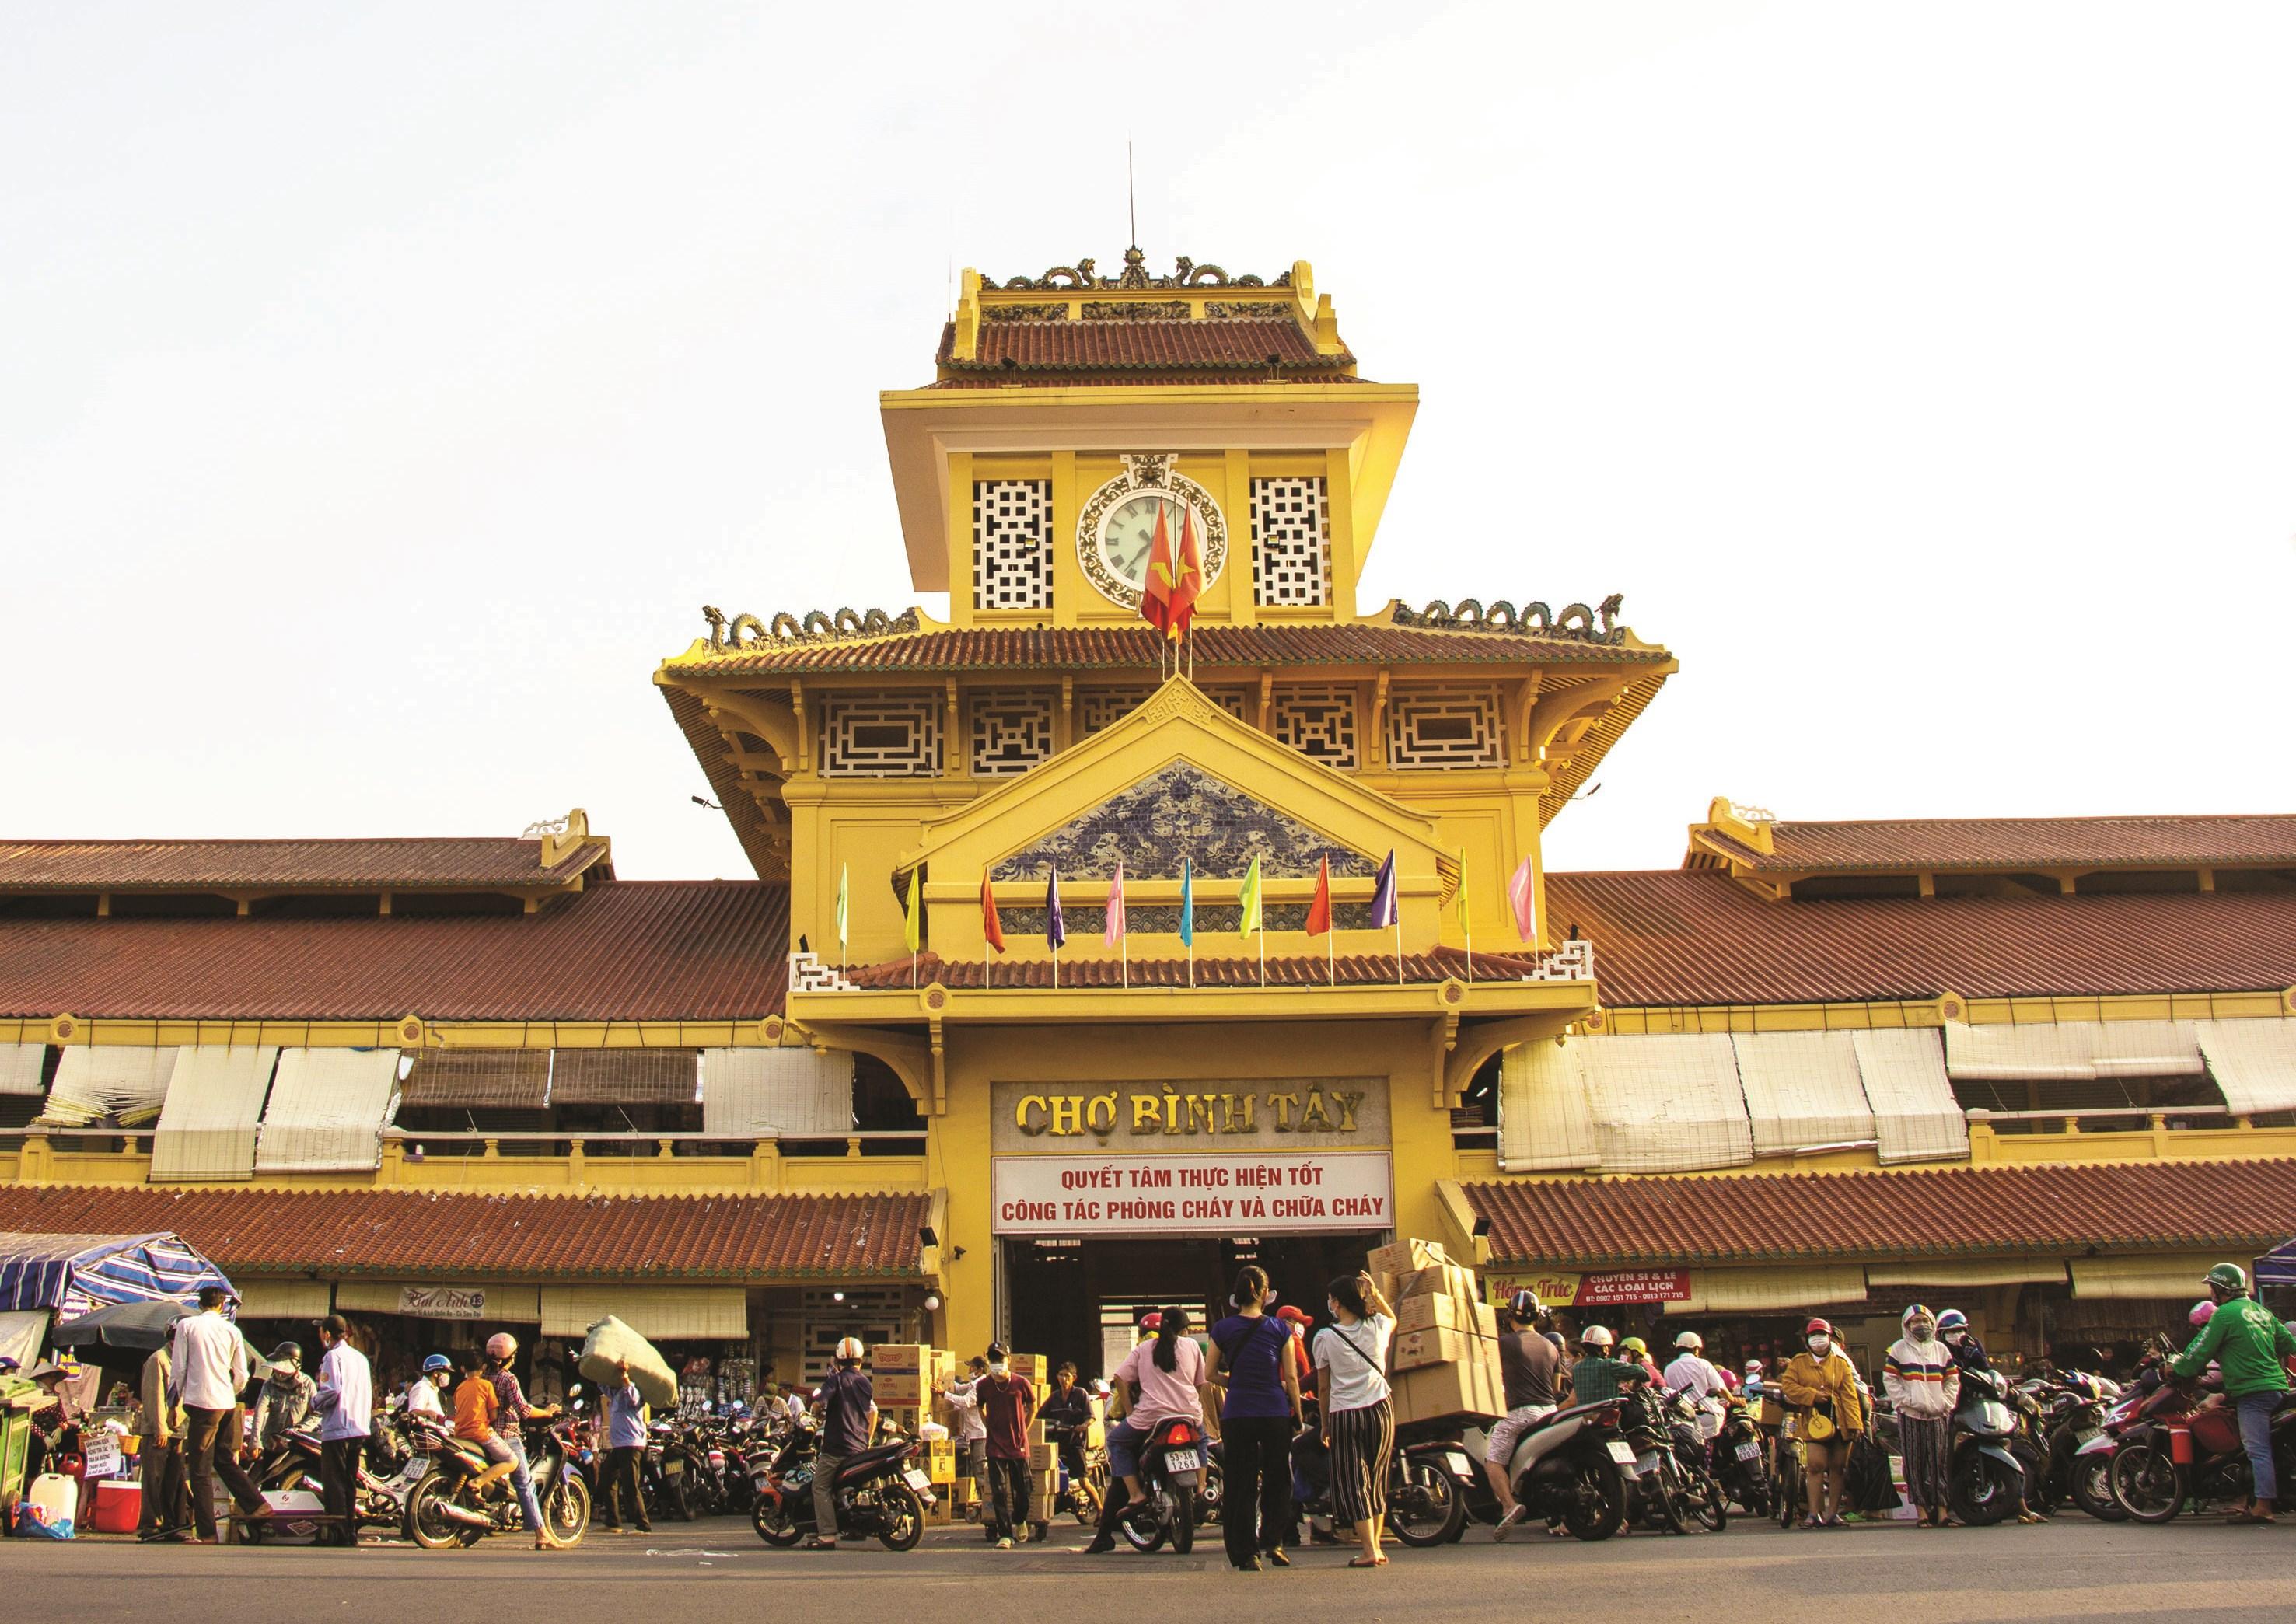 Chợ Bình Tây, nơi tập trung đông đảo người Hoa buôn bán ở TP. Hồ Chí Minh.